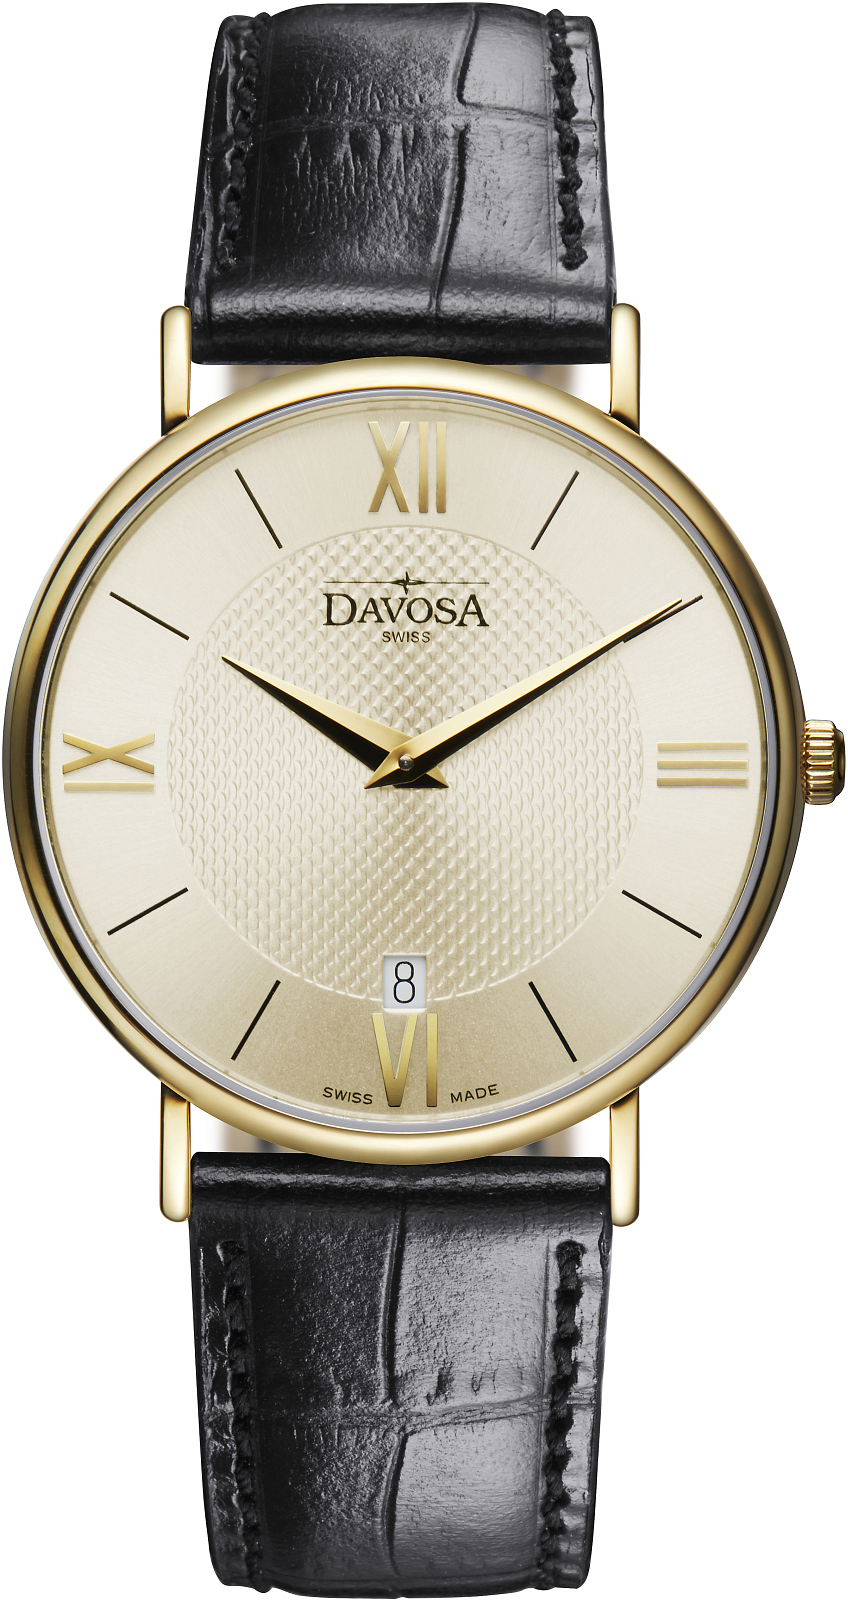 zegarek-meski-davosa-pianos-ii-162-486-35-2